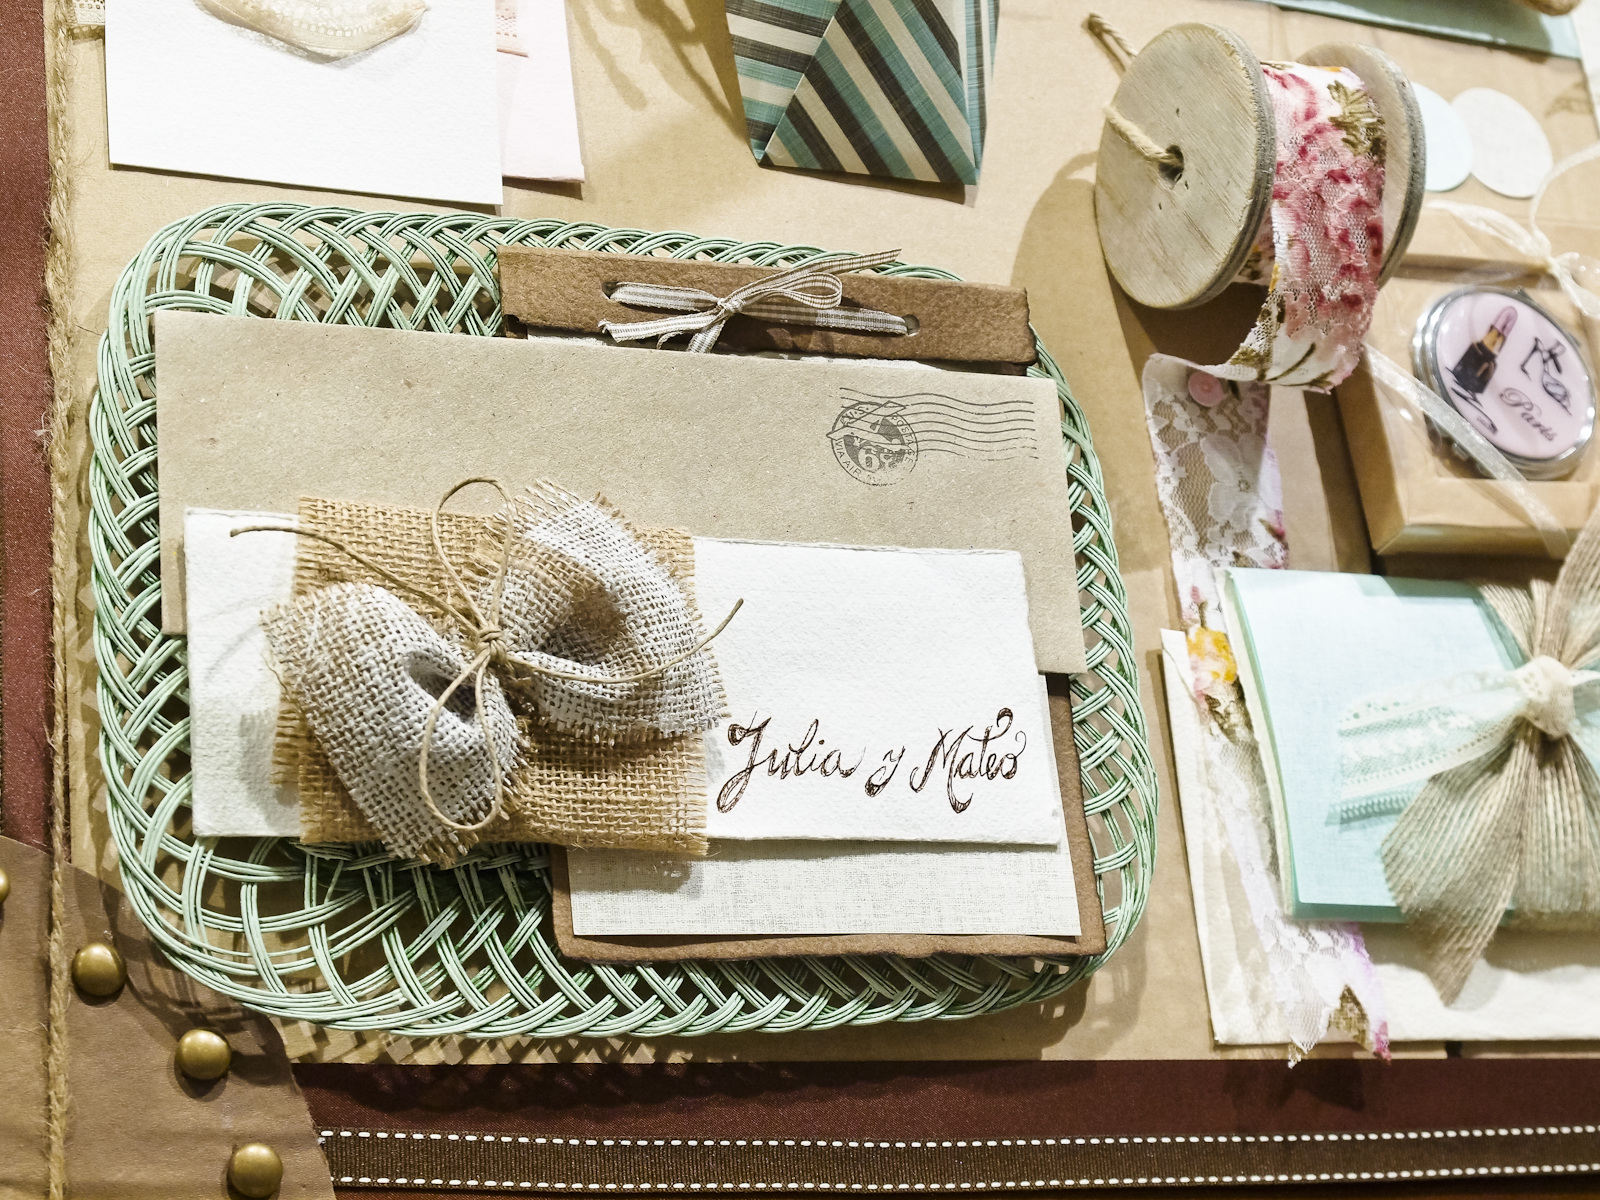 Invitaciones de boda detalles de boda y decoraci n de - Detalles decoracion boda ...